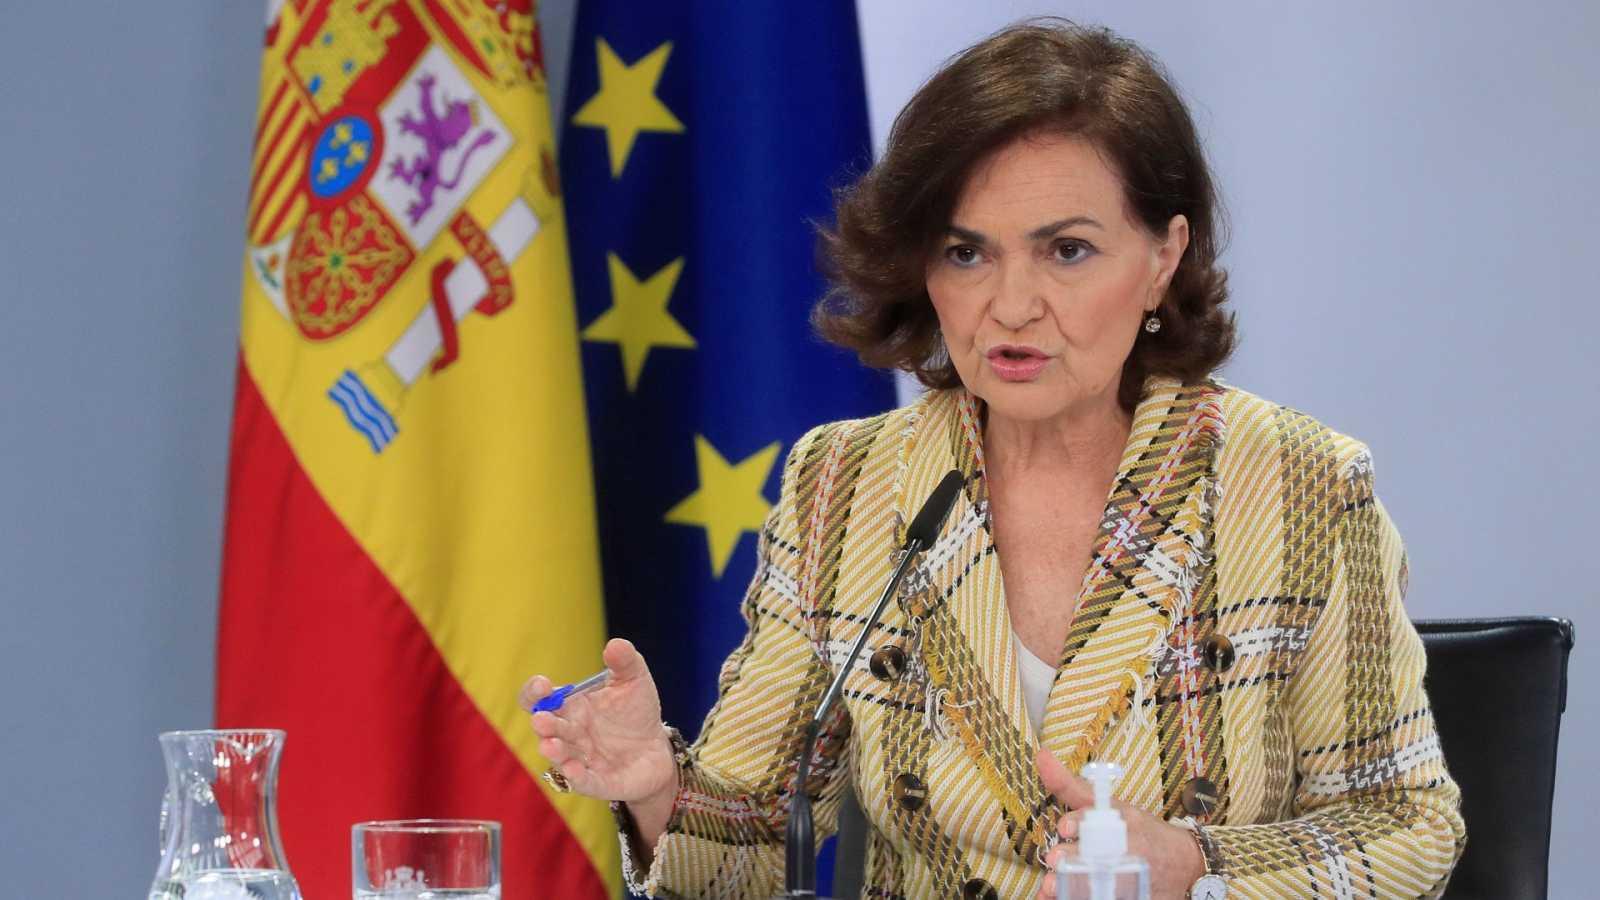 """Calvo: """"Casado ha permitido que Ayuso lleve el discurso más radical de la derecha española"""""""